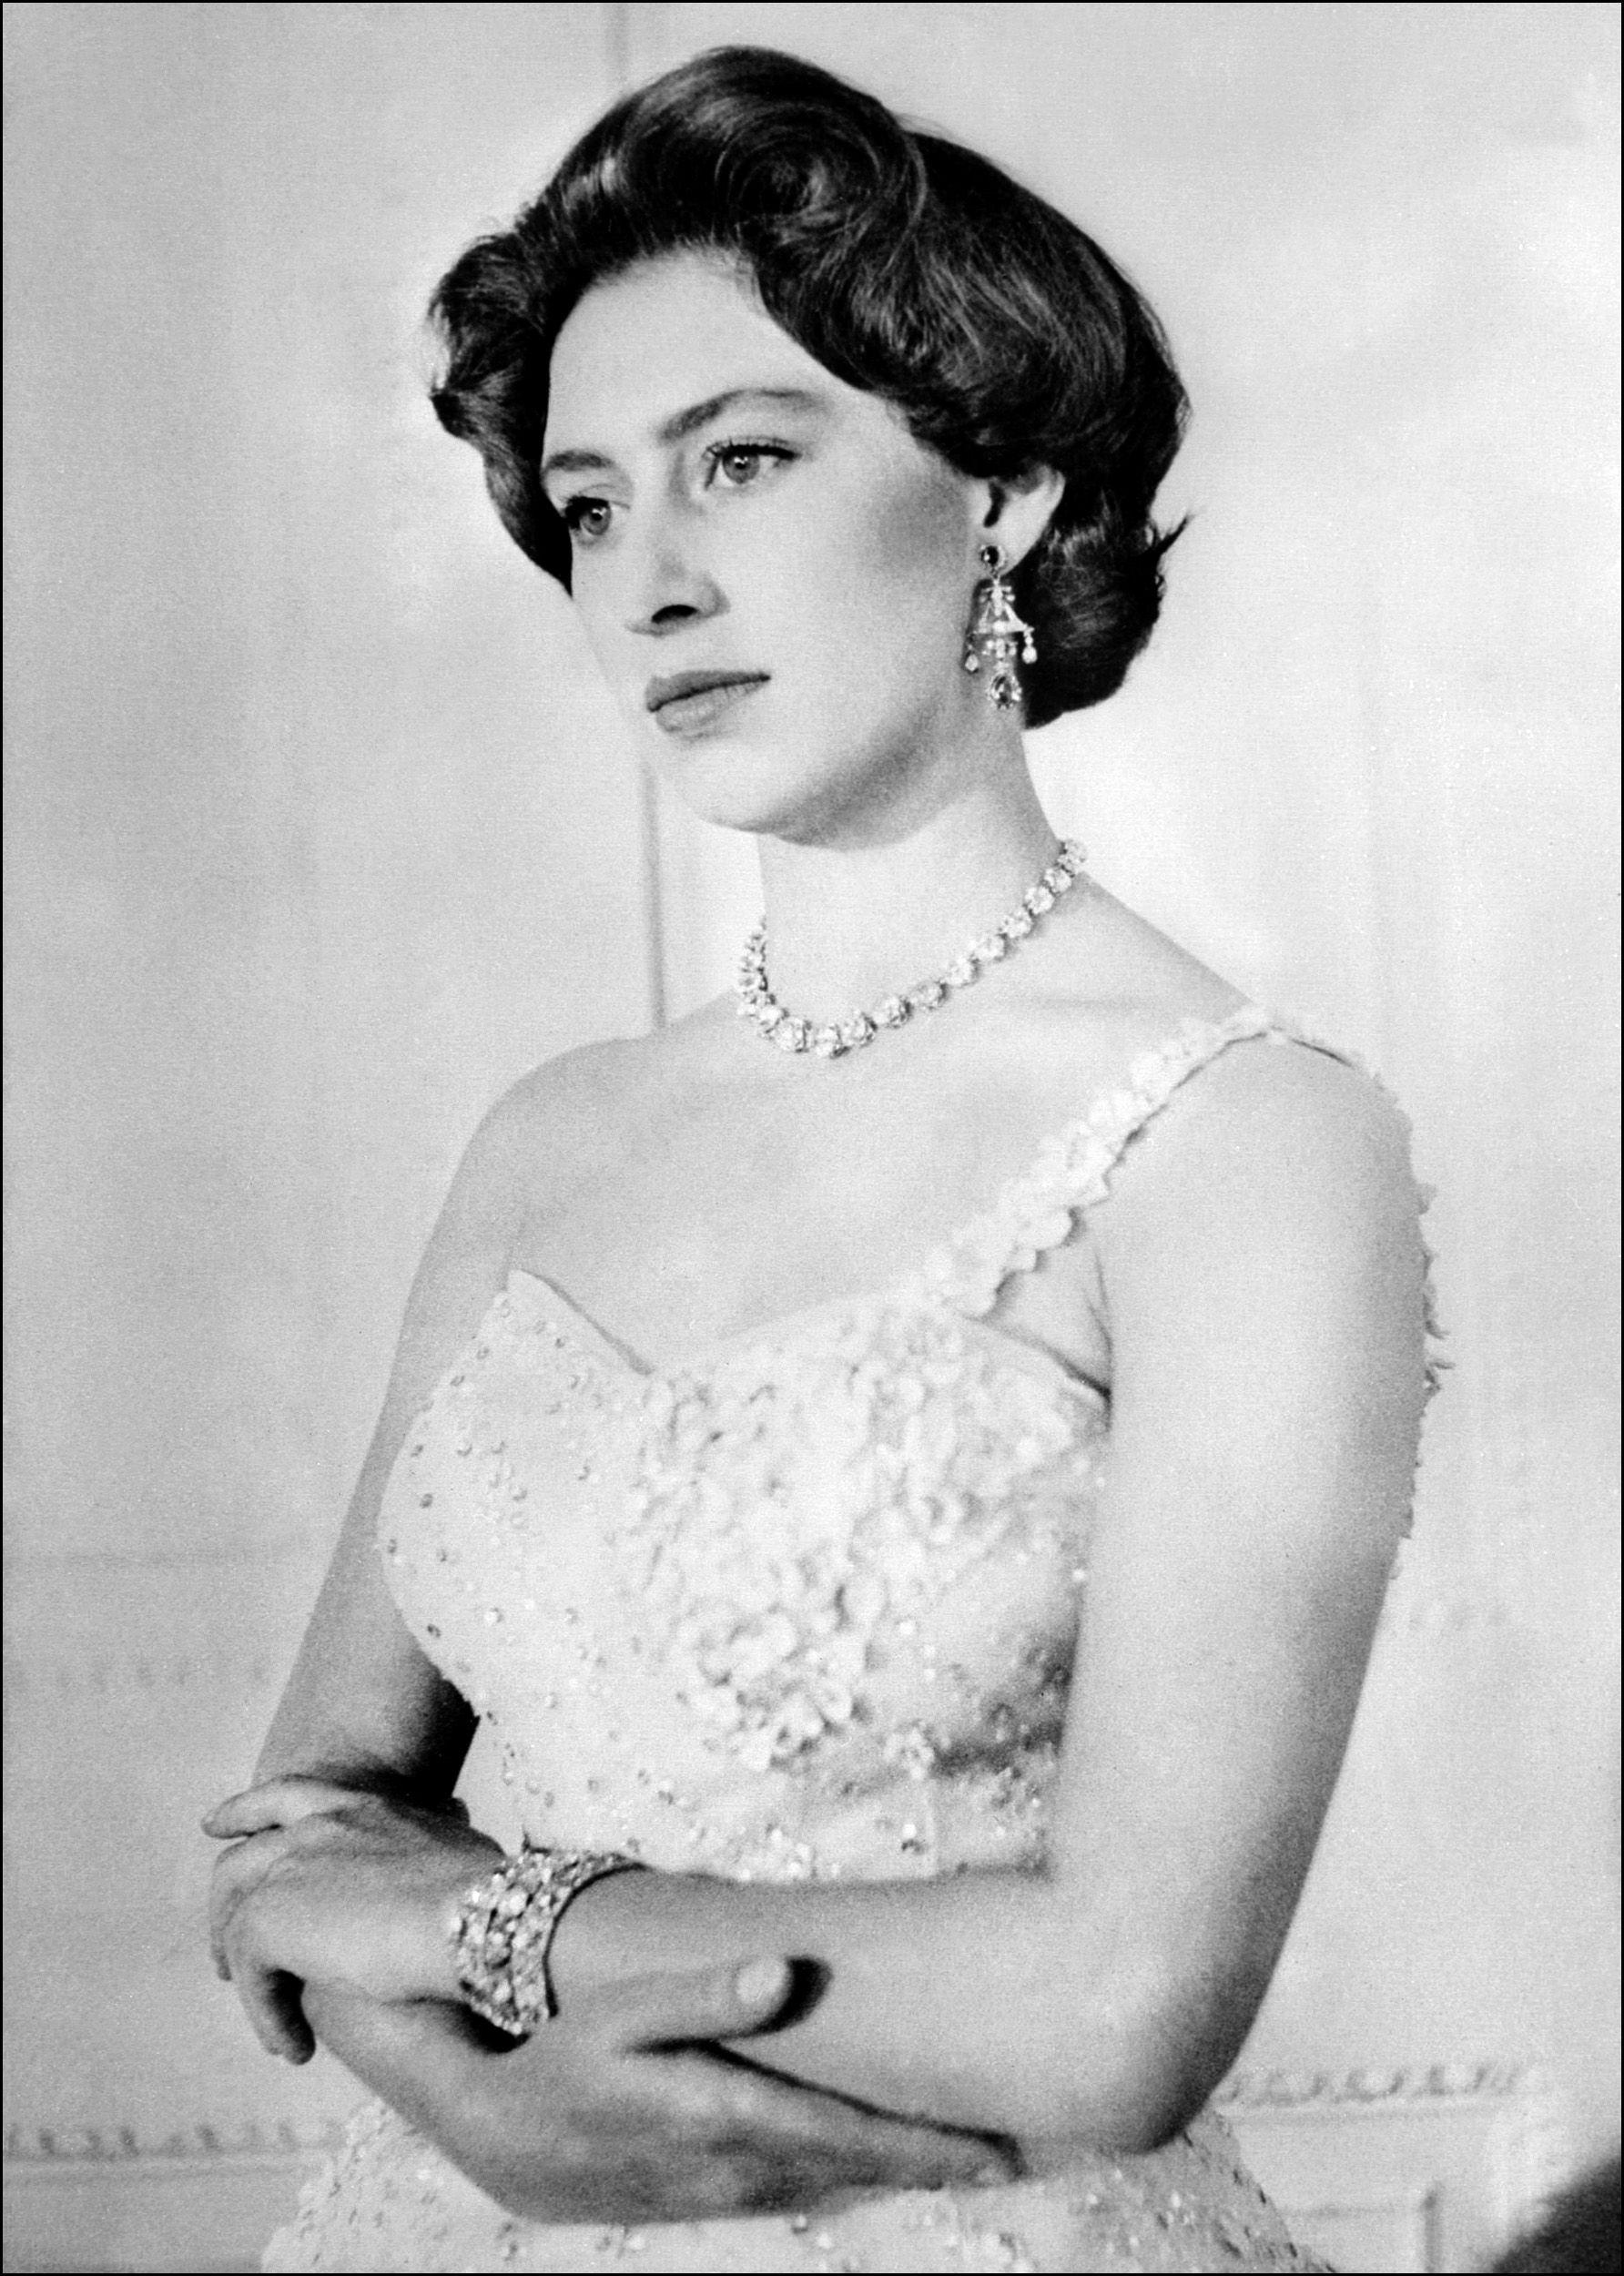 Princess Margaret S Death How Did Princess Margaret Die